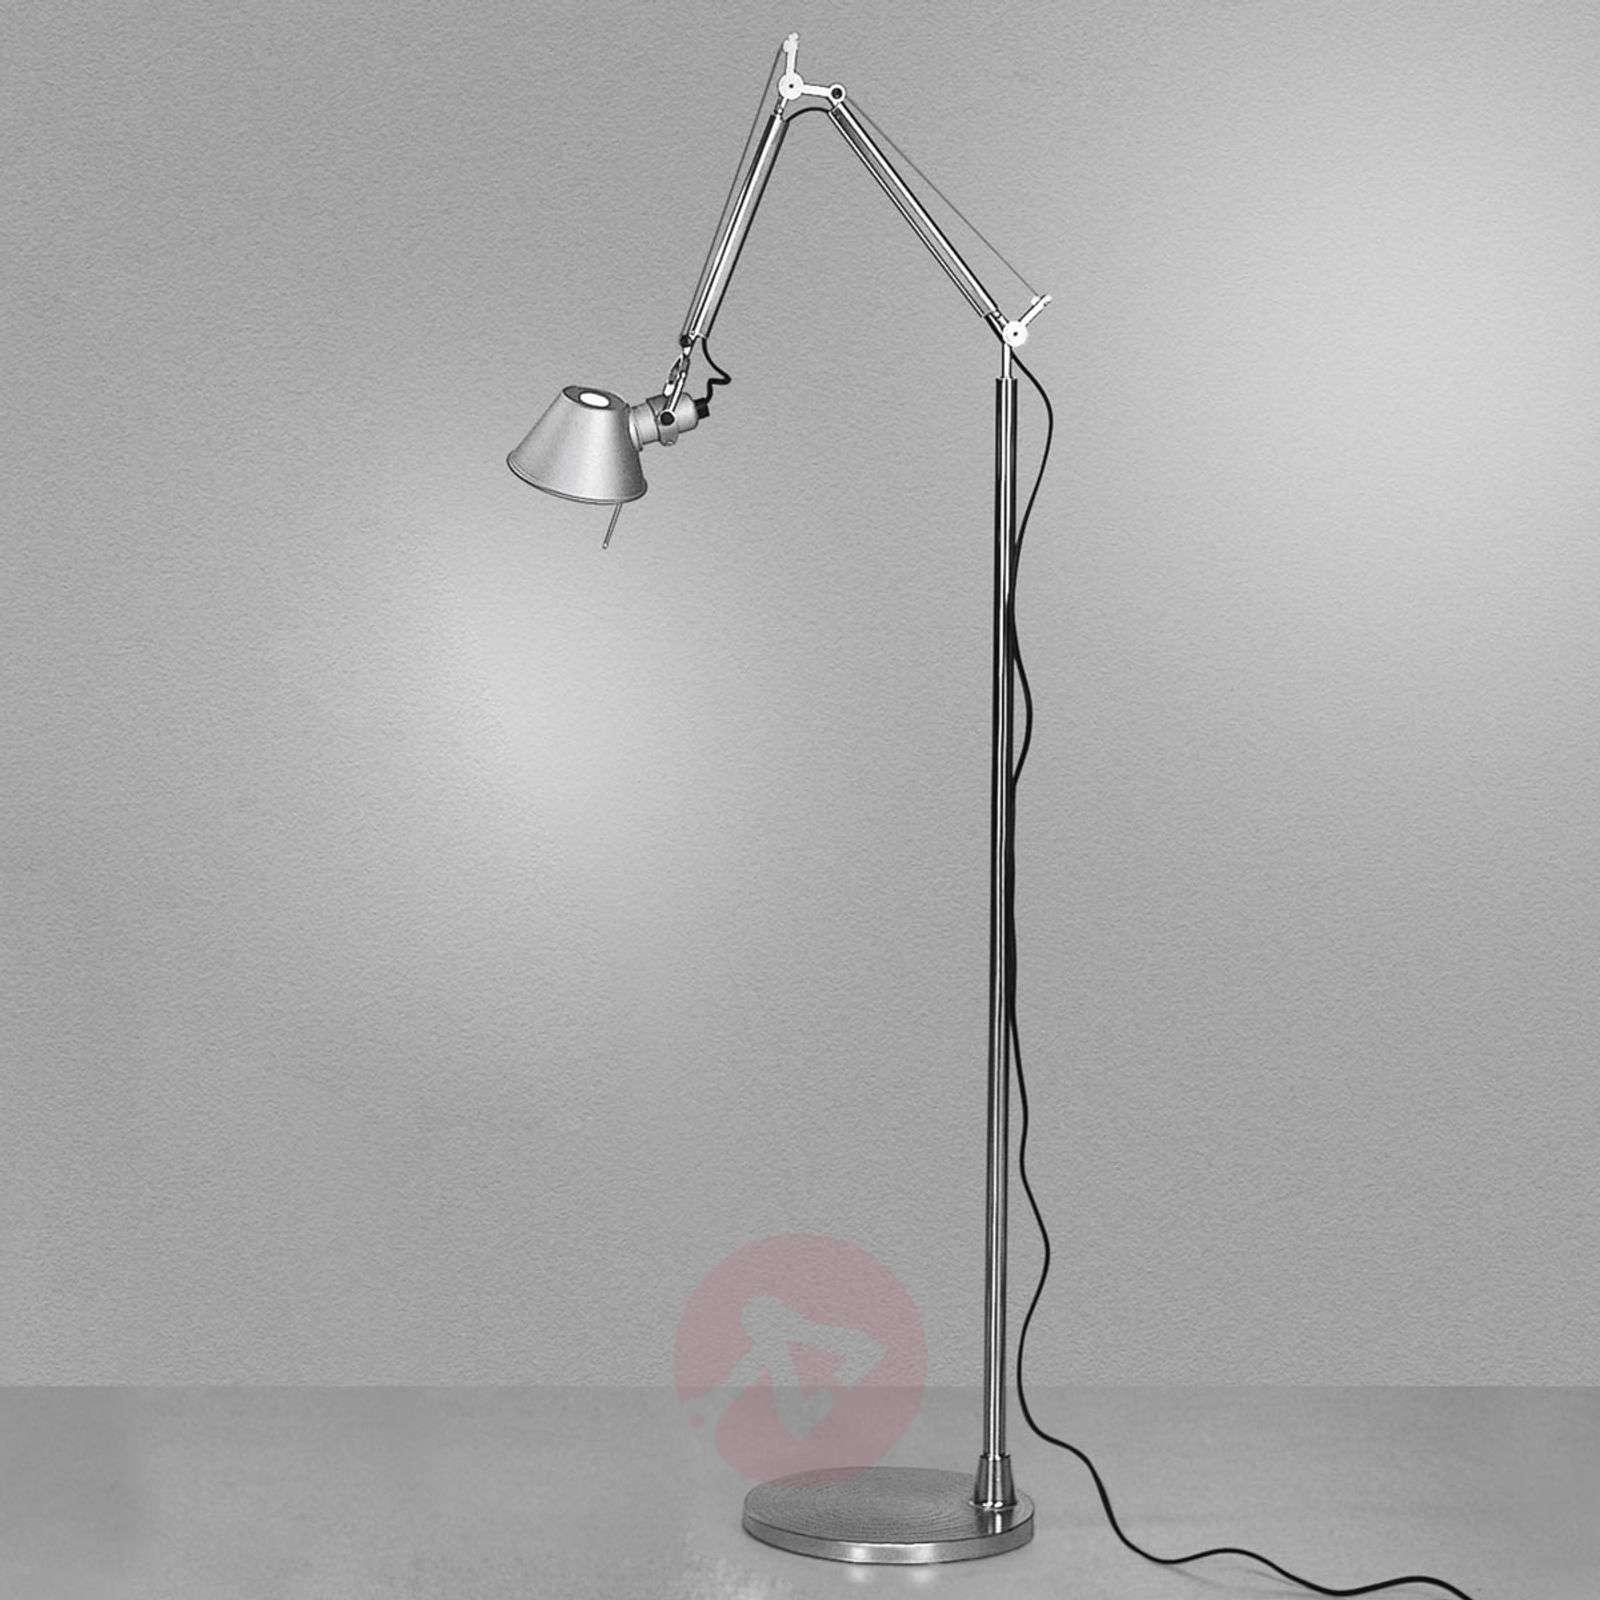 Minimalistinen design-lattiavalaisin Tolomeo Micro-1060094-01